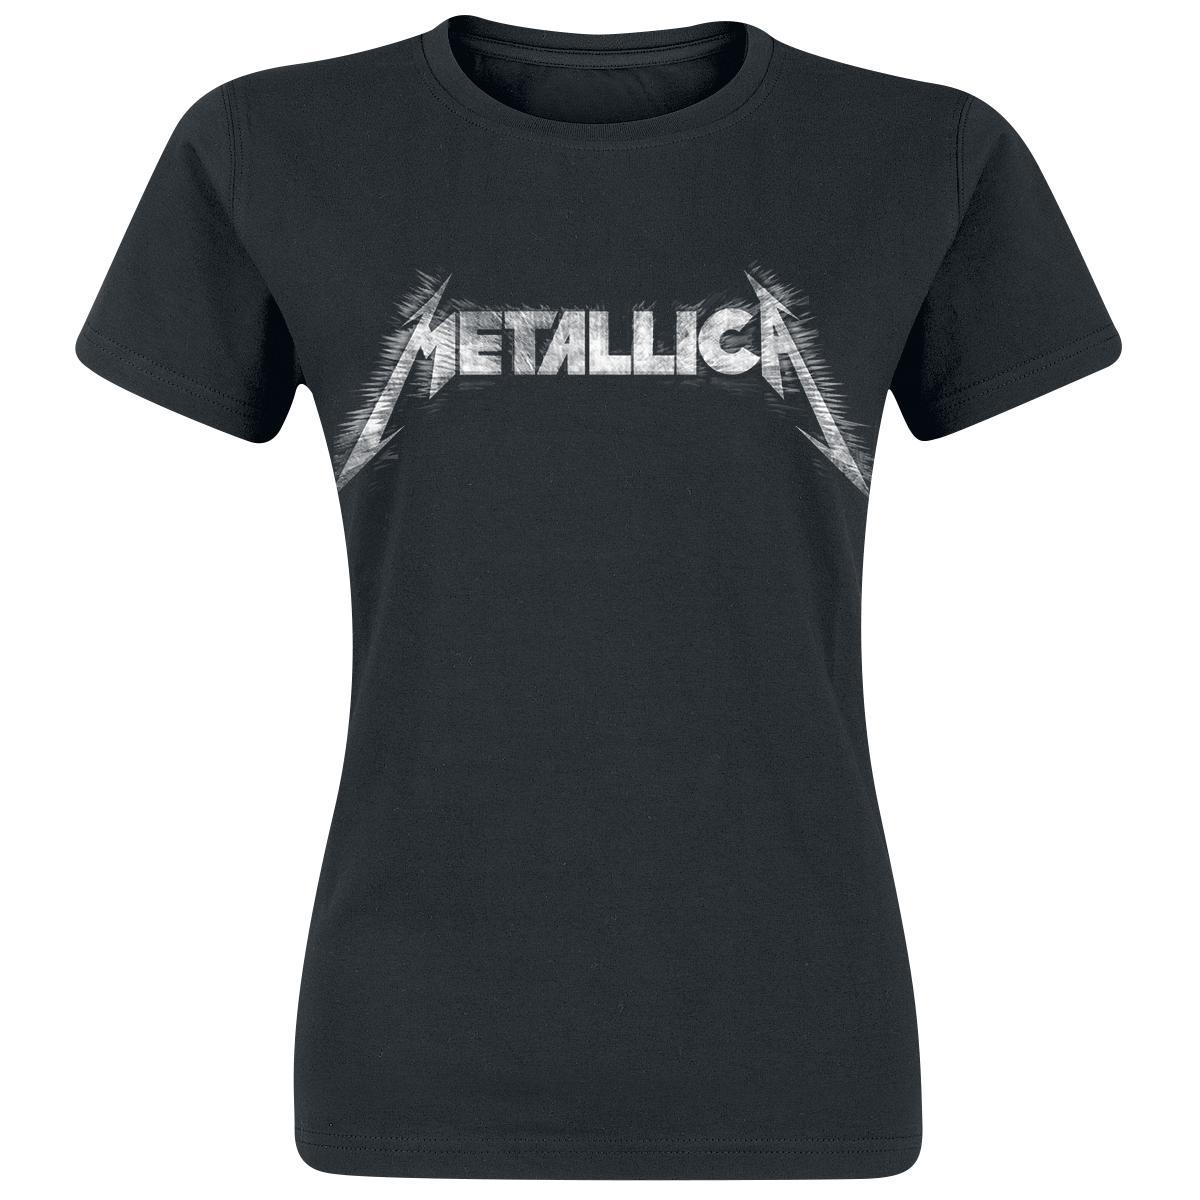 metallica-spikes-t-shirt